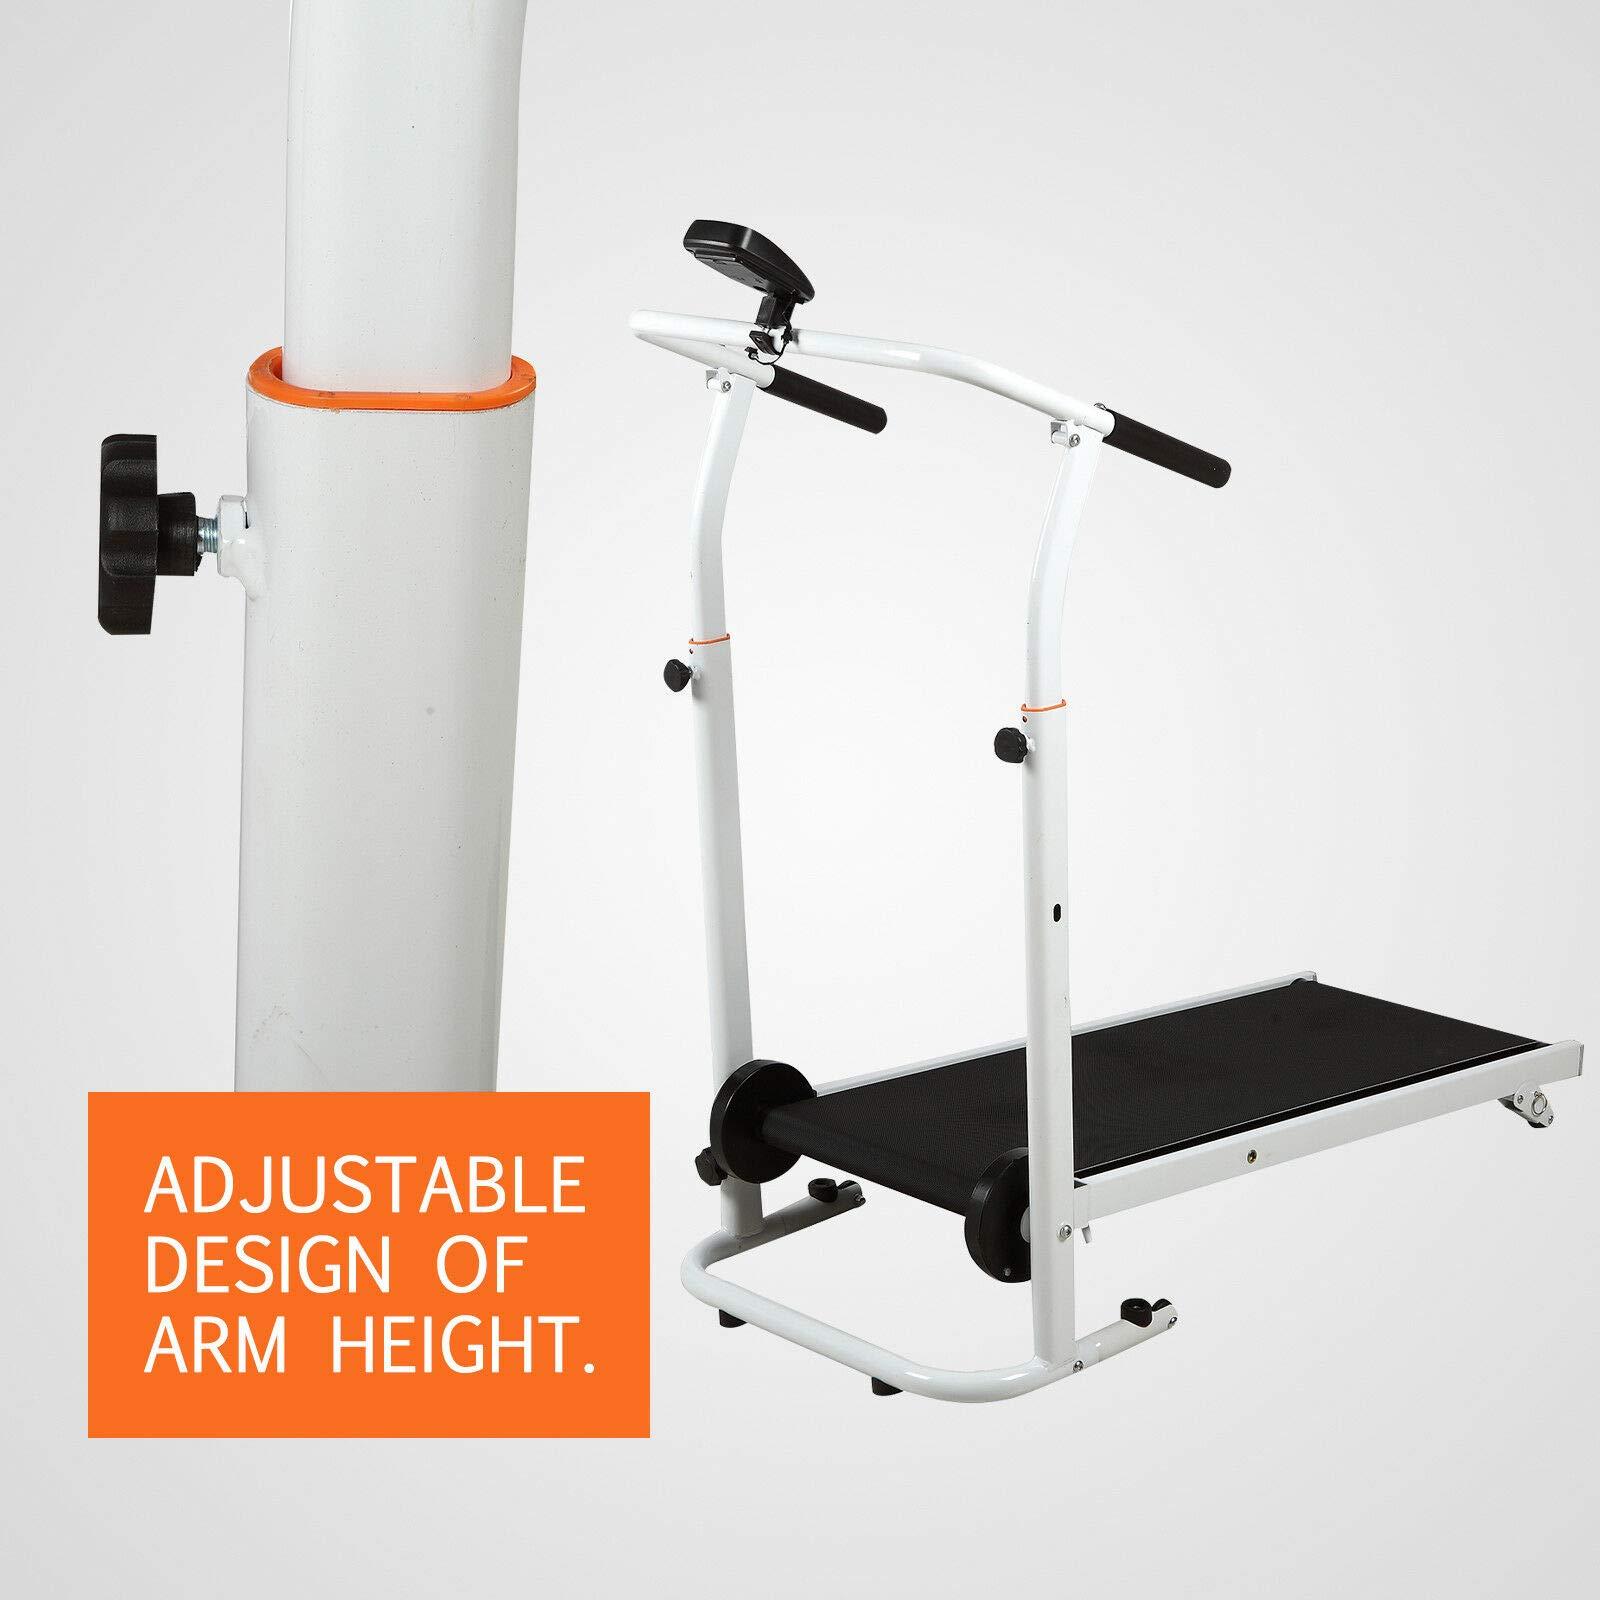 HappyShopShop Folding Adjustable Manual Treadmill Run Running Walk Walking Machine Cardio Exercise by HappyShopShop (Image #5)